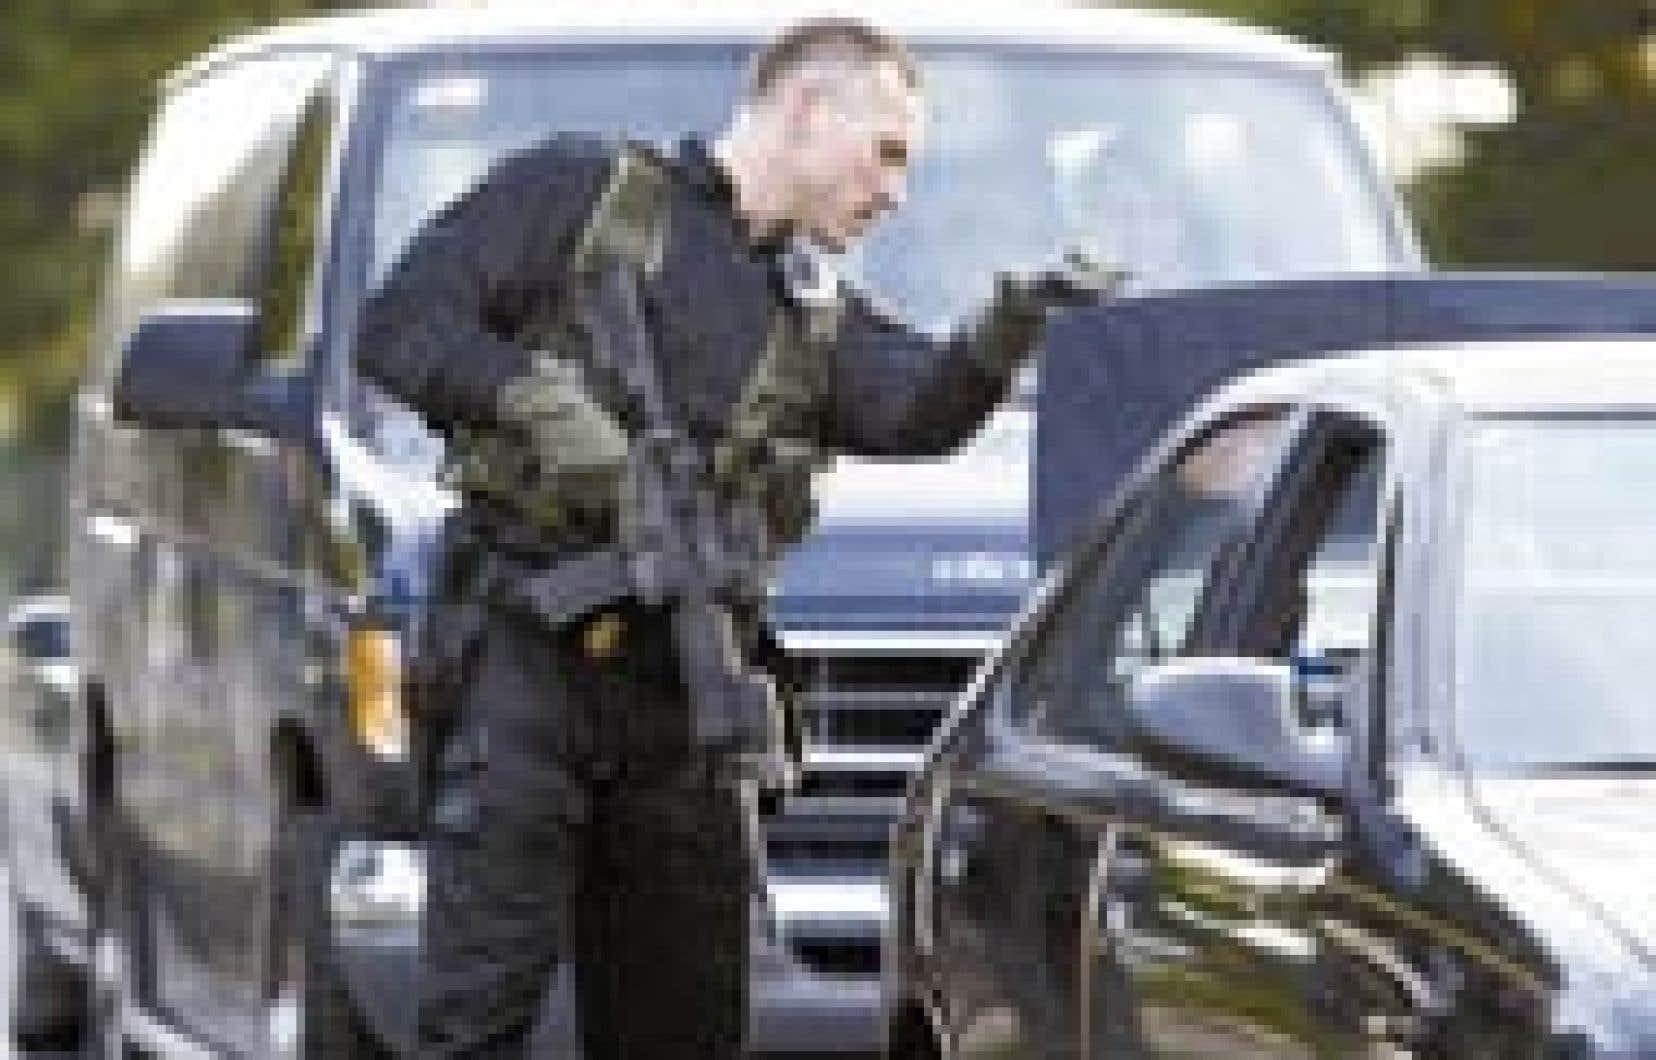 Un policier lourdement armé examine le contenu du coffre d'une voiture à Aspen Hill, au Maryland, où une autre personne a été tuée par un tireur embusqué. — Photo: Chuck Kennedy KRT